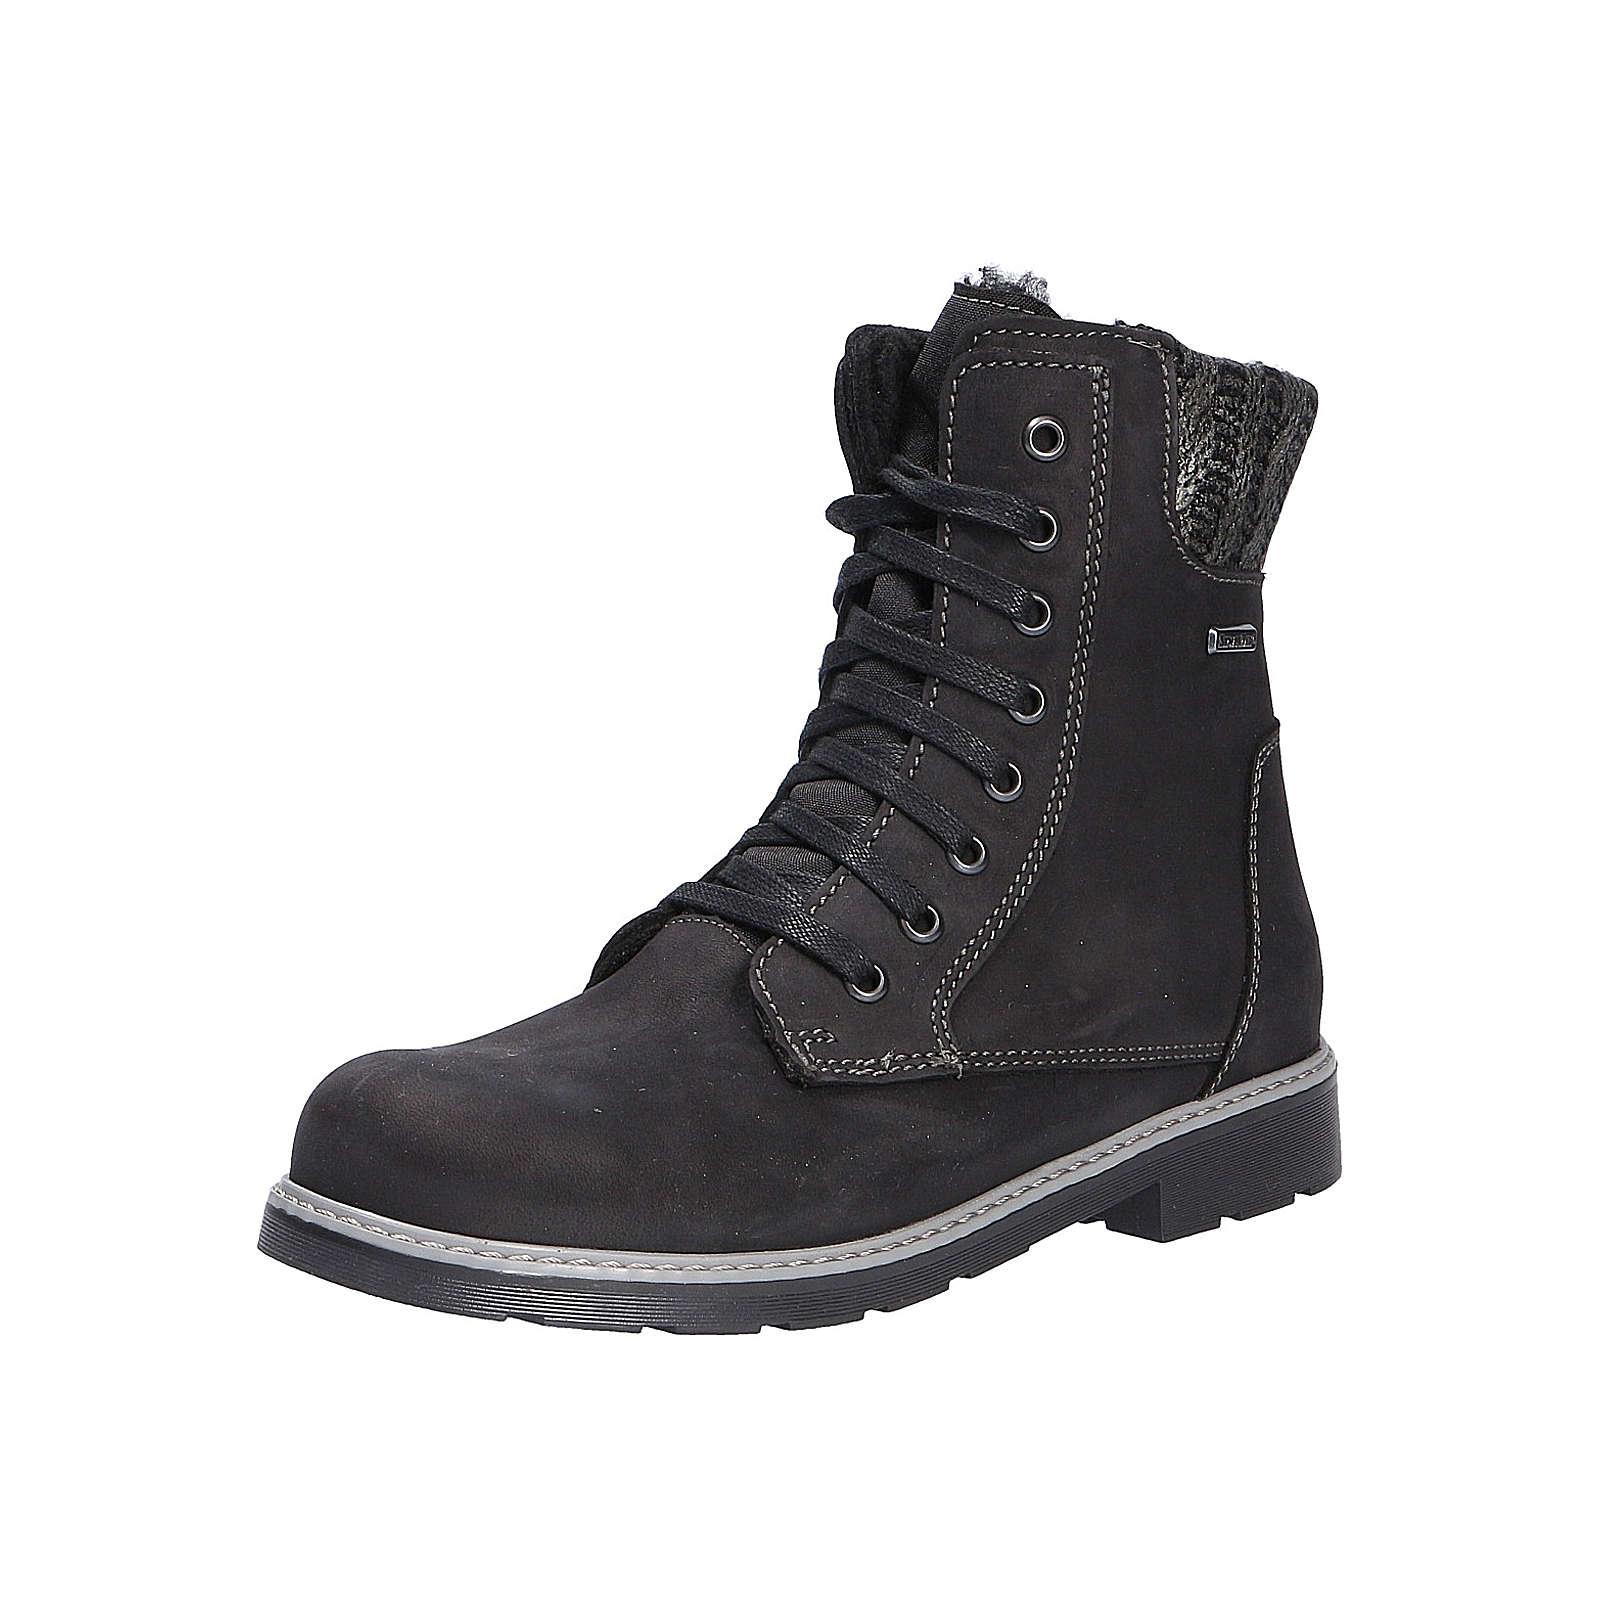 Däumling Stiefel für Mädchen schwarz Mädchen Gr. 39